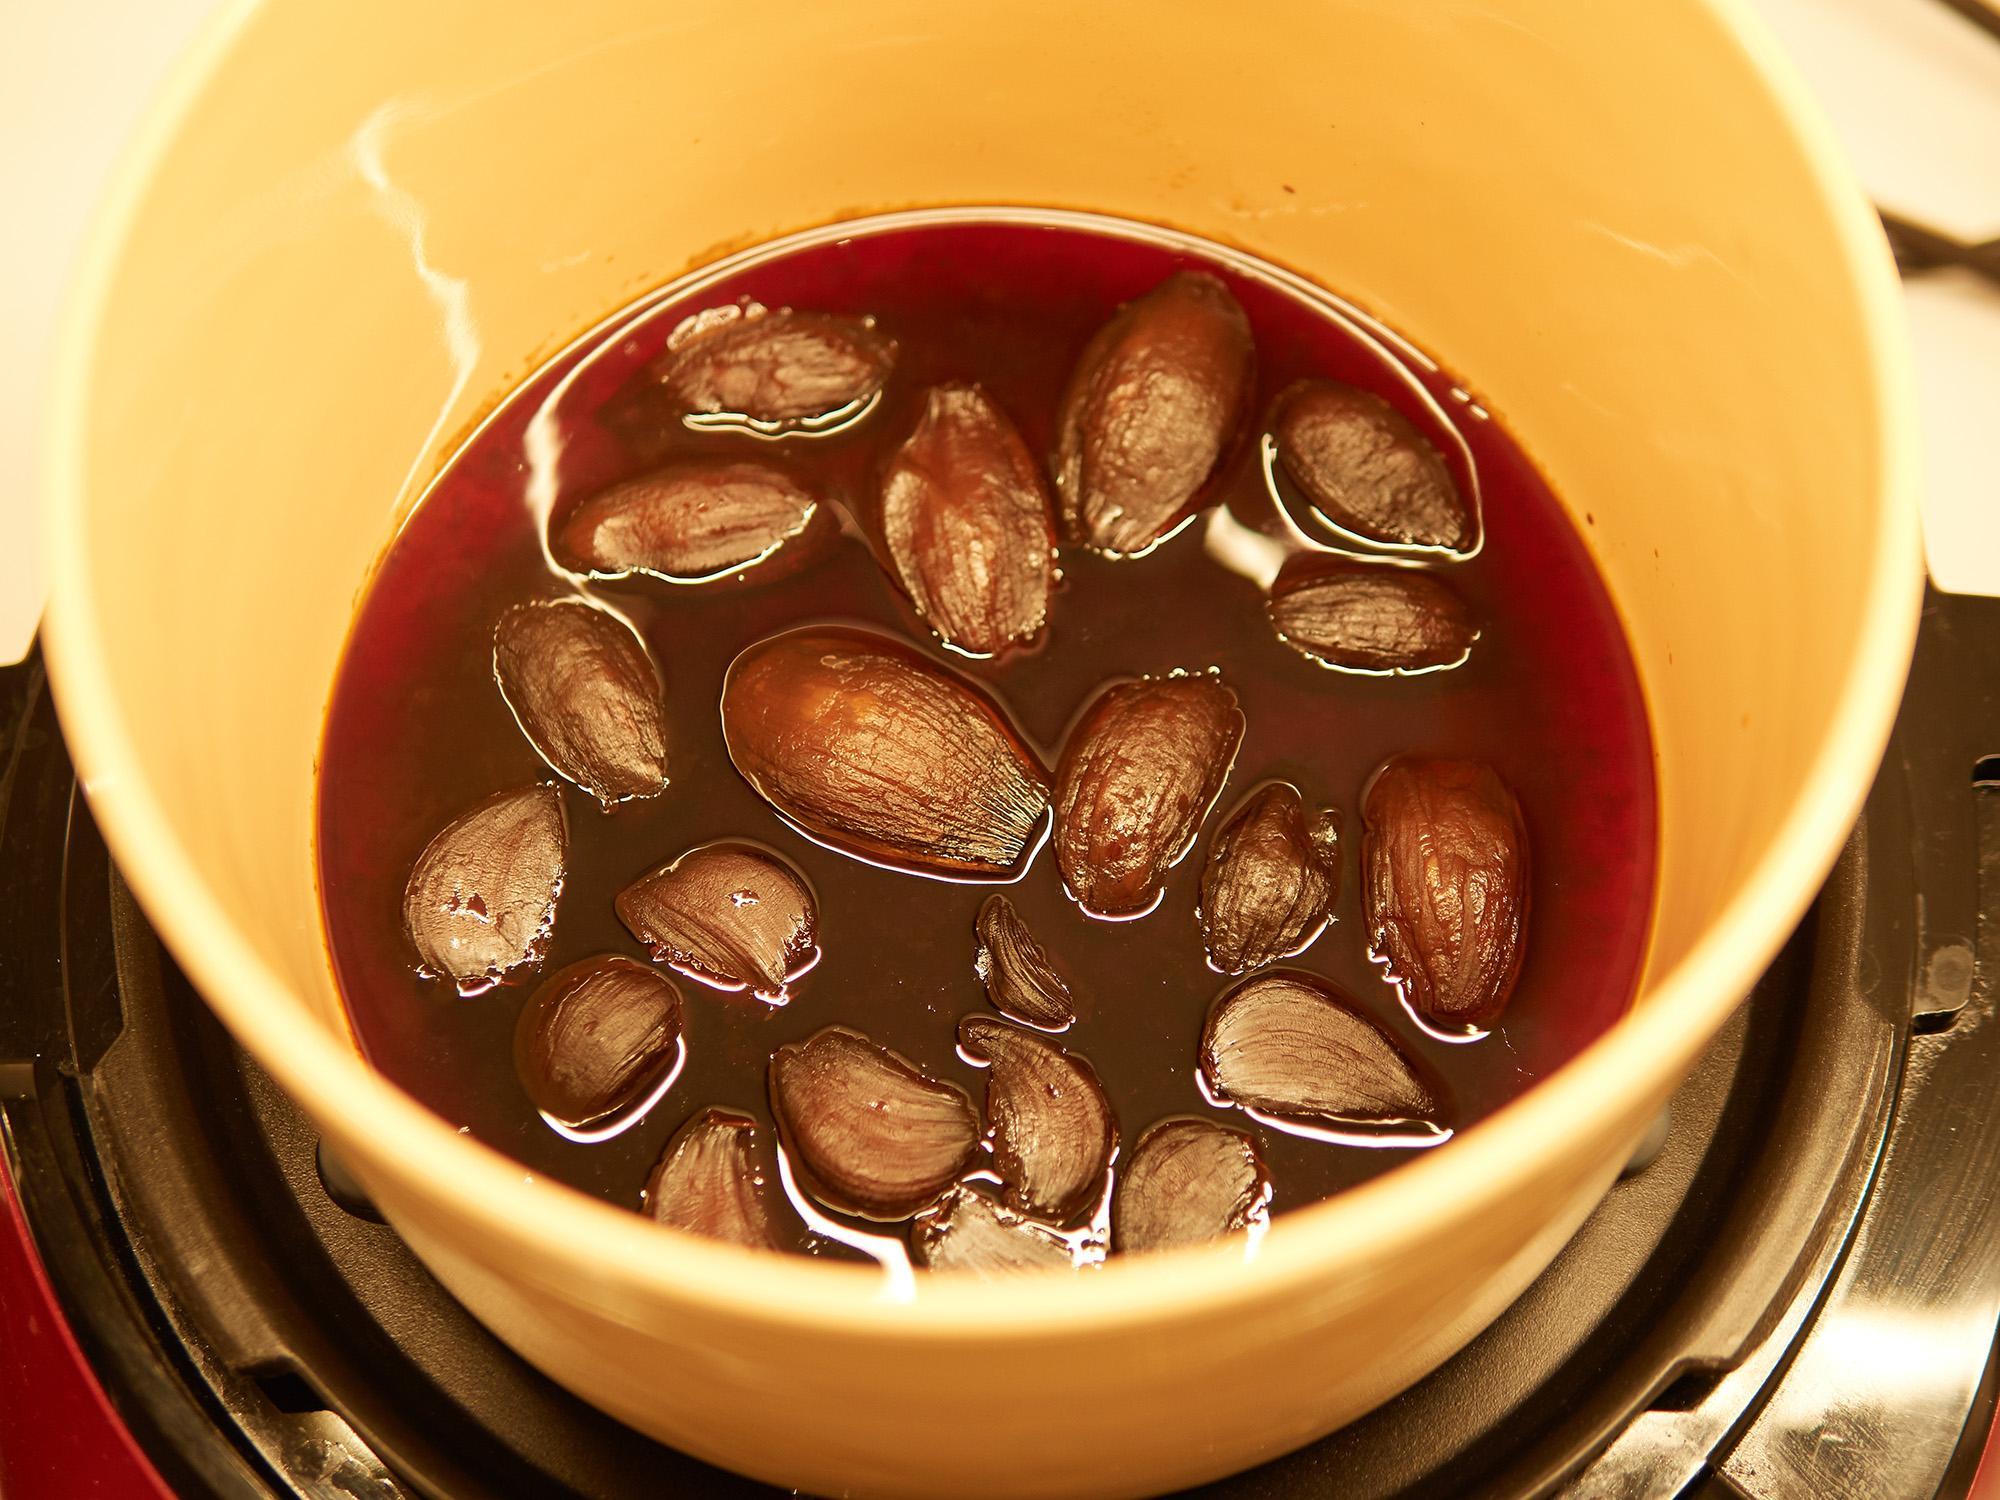 Rocook receta chalotas ajos glaseados en miel